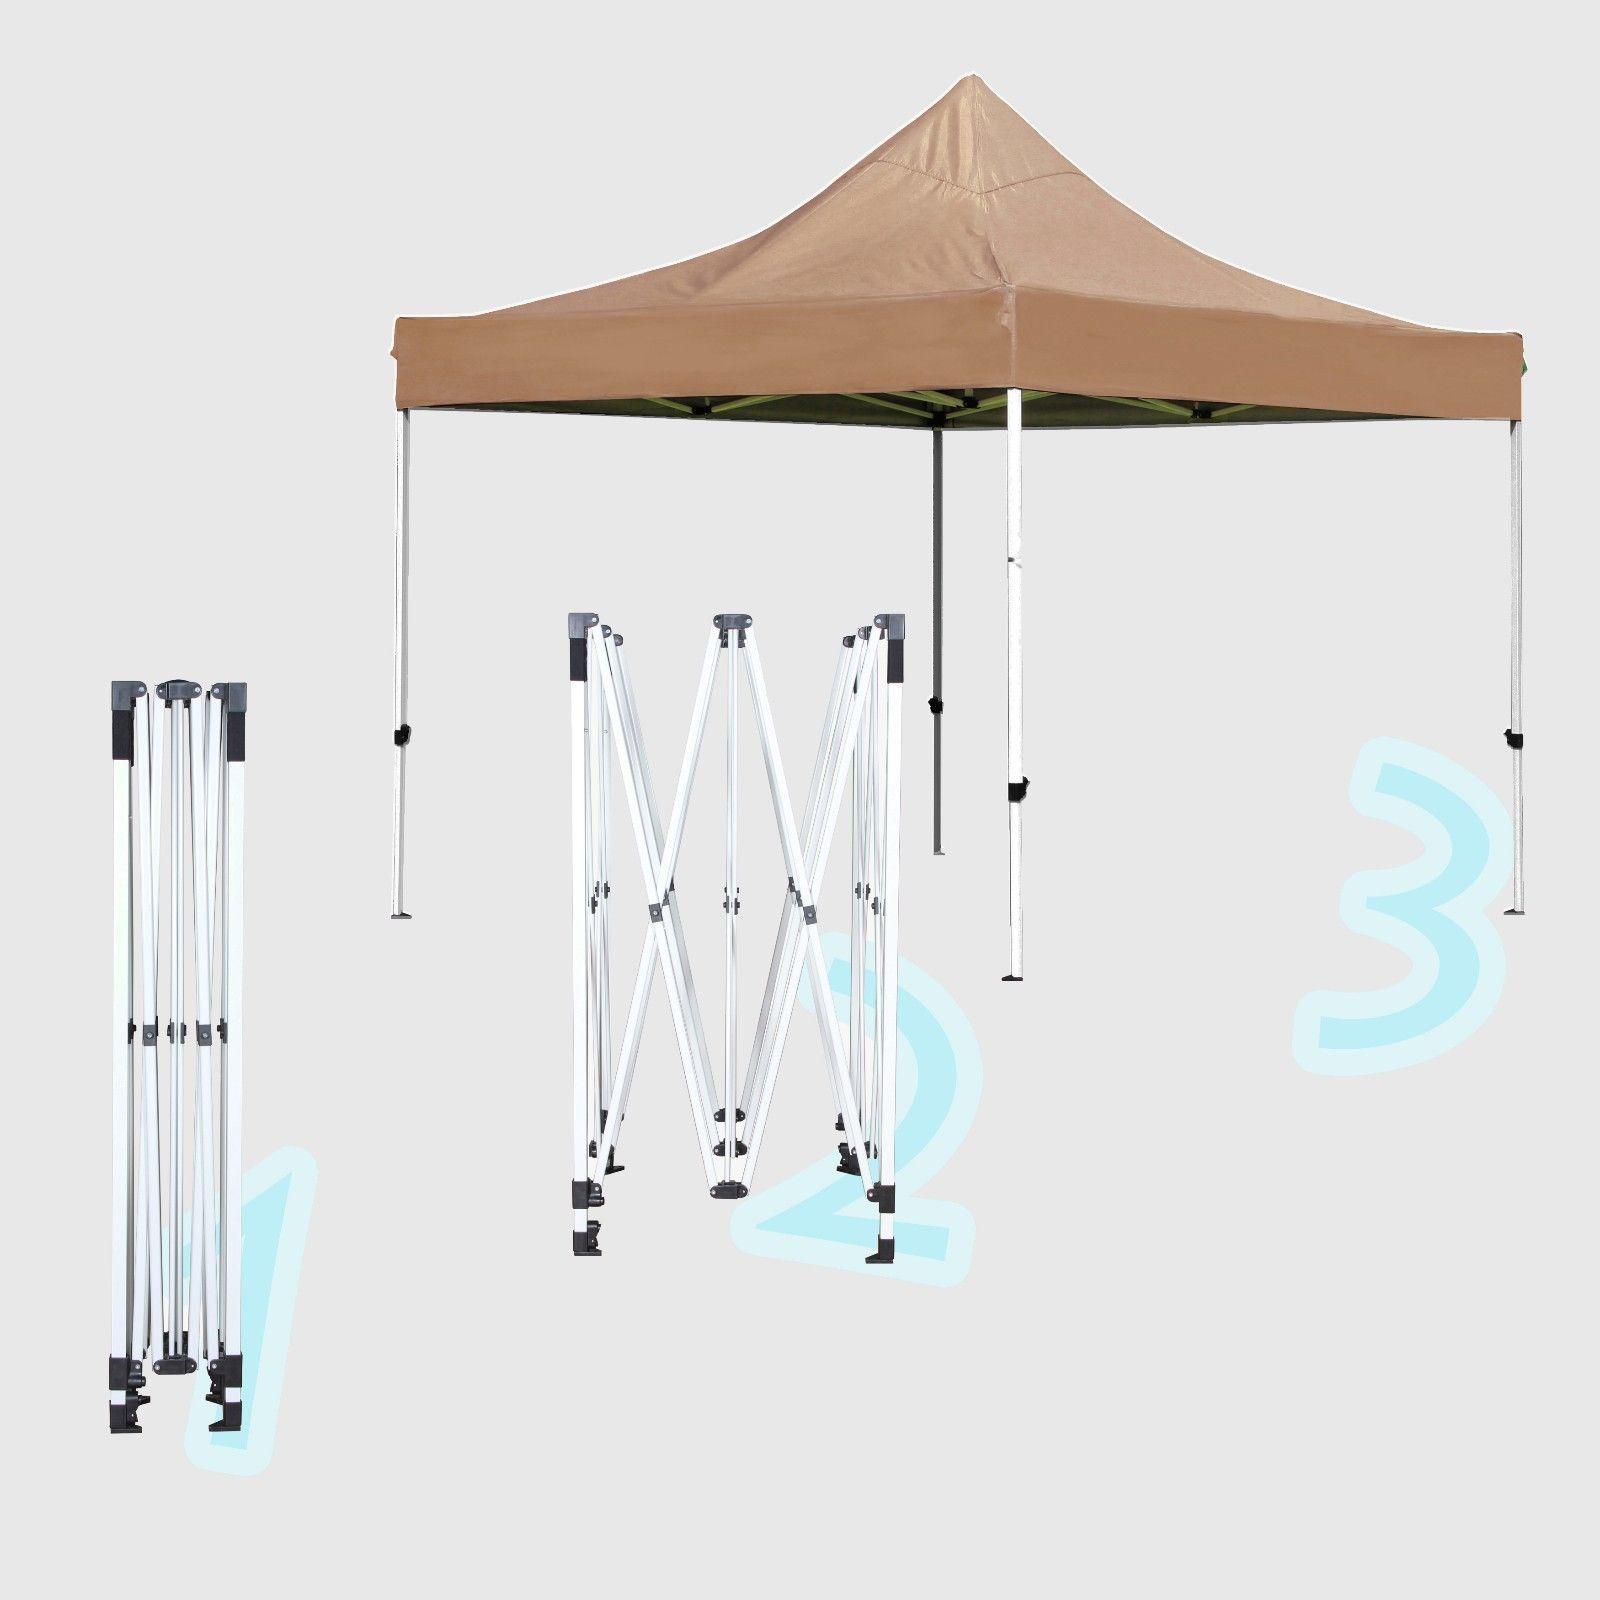 Outdoor-Garden-Gazebo-Portable-Shade-Folding-Canopy-Tent-  sc 1 st  eBay & Outdoor Garden Gazebo Portable Shade Folding Canopy Tent 10 x 10 ...